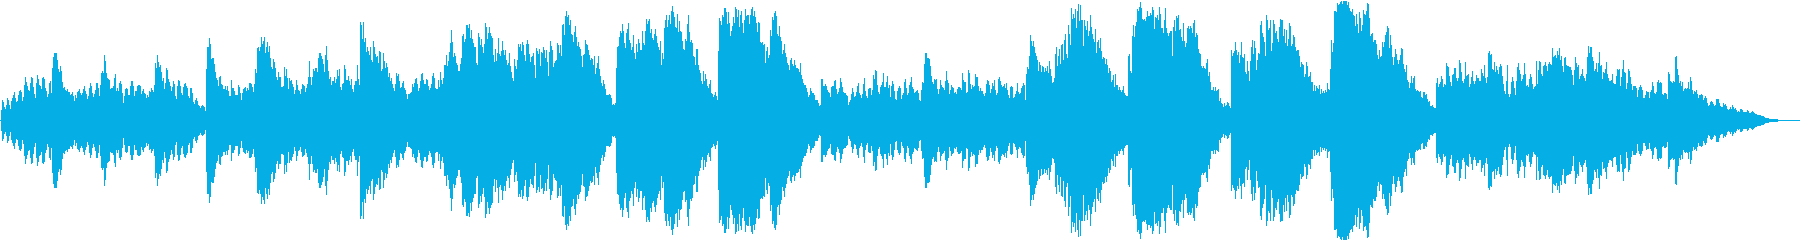 代替案 ポップ モダン 実験的 ア...の再生済みの波形